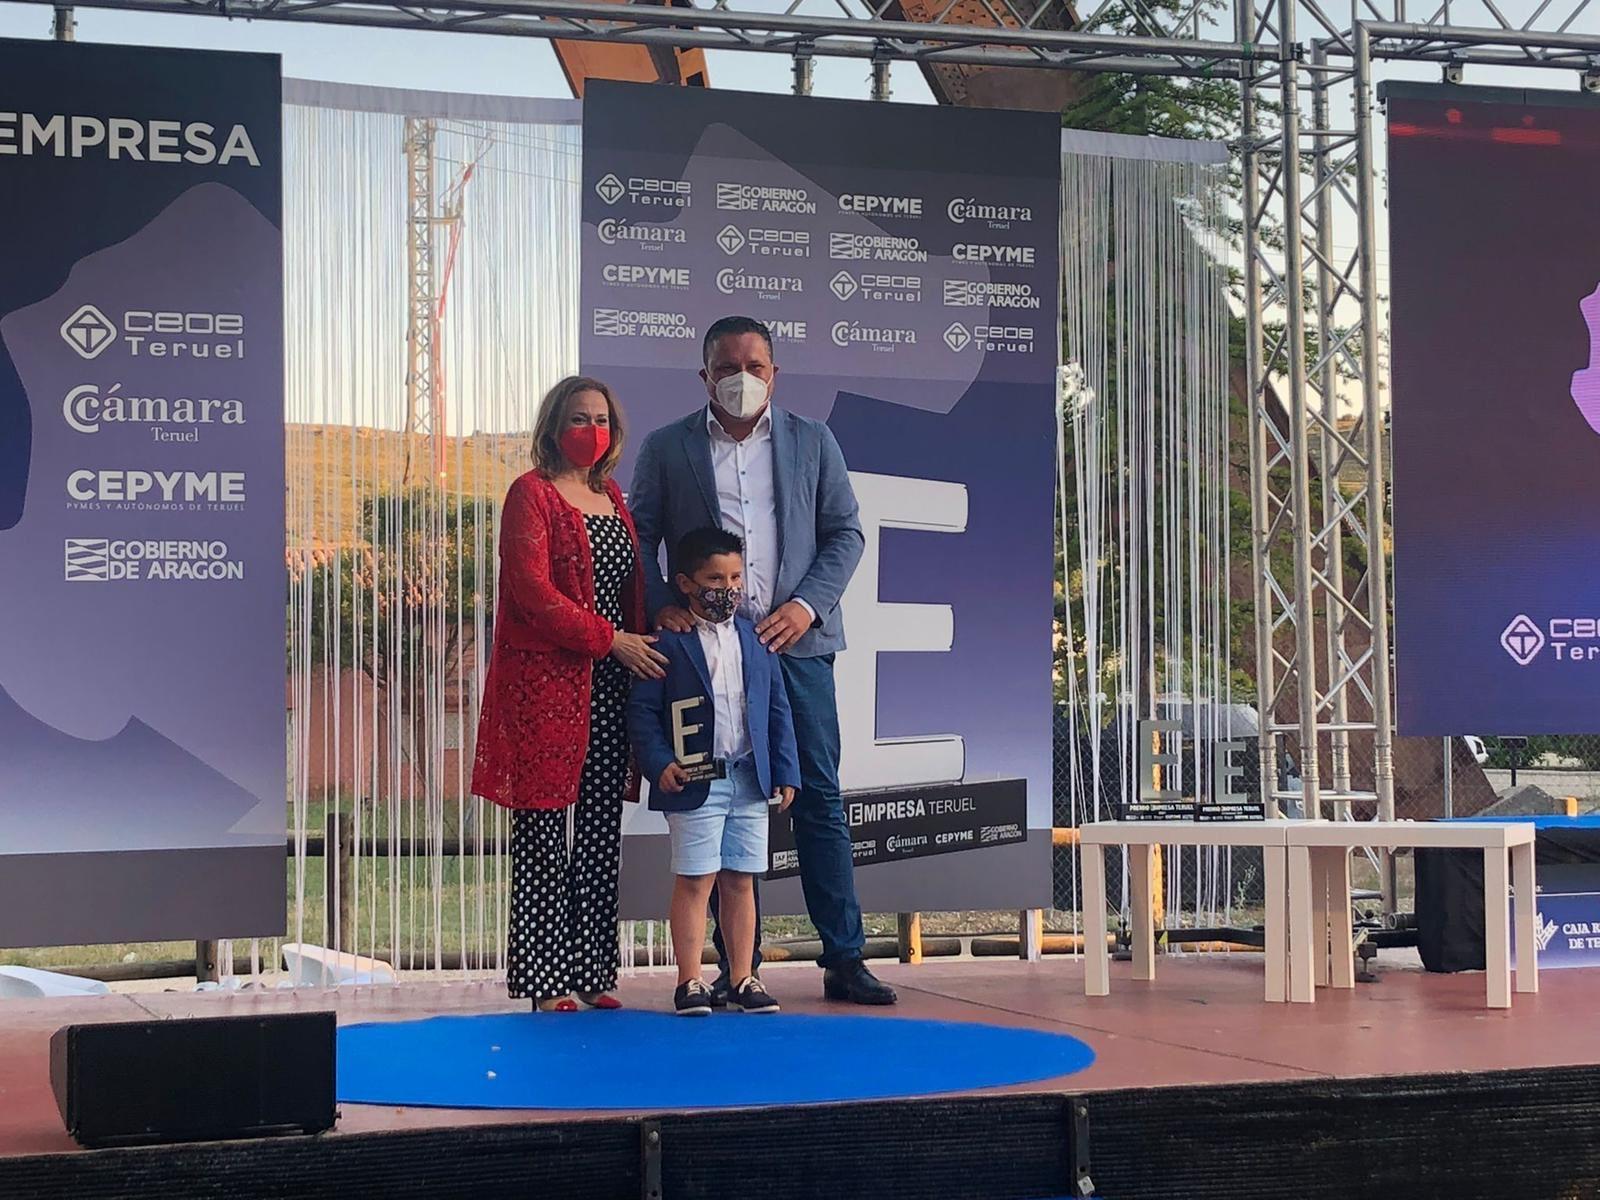 ALTERNATIC recibe el Premio a la Innovación en la celebración de la Gala Premio Empresa Teruel 2021